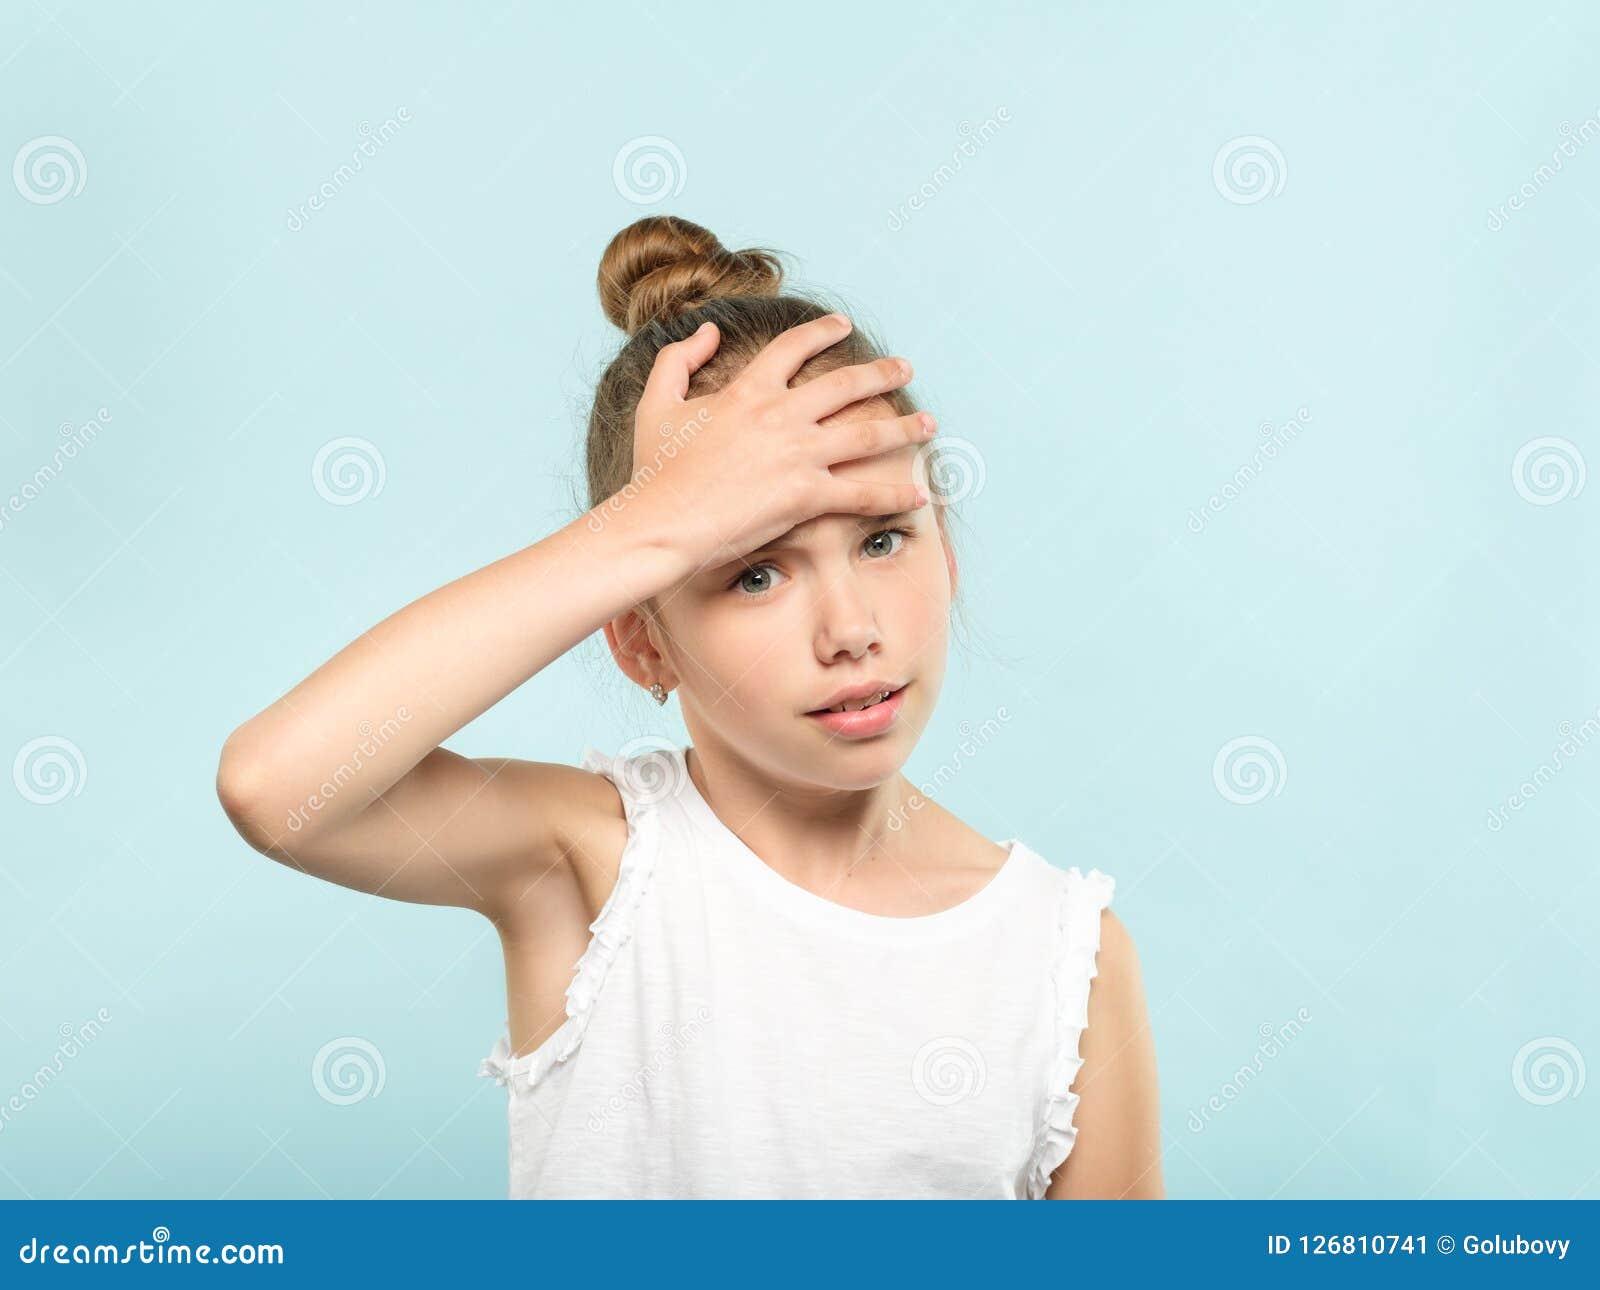 Facepalm zawstydzenia dziewczyny pokrywy zawstydzony czoło